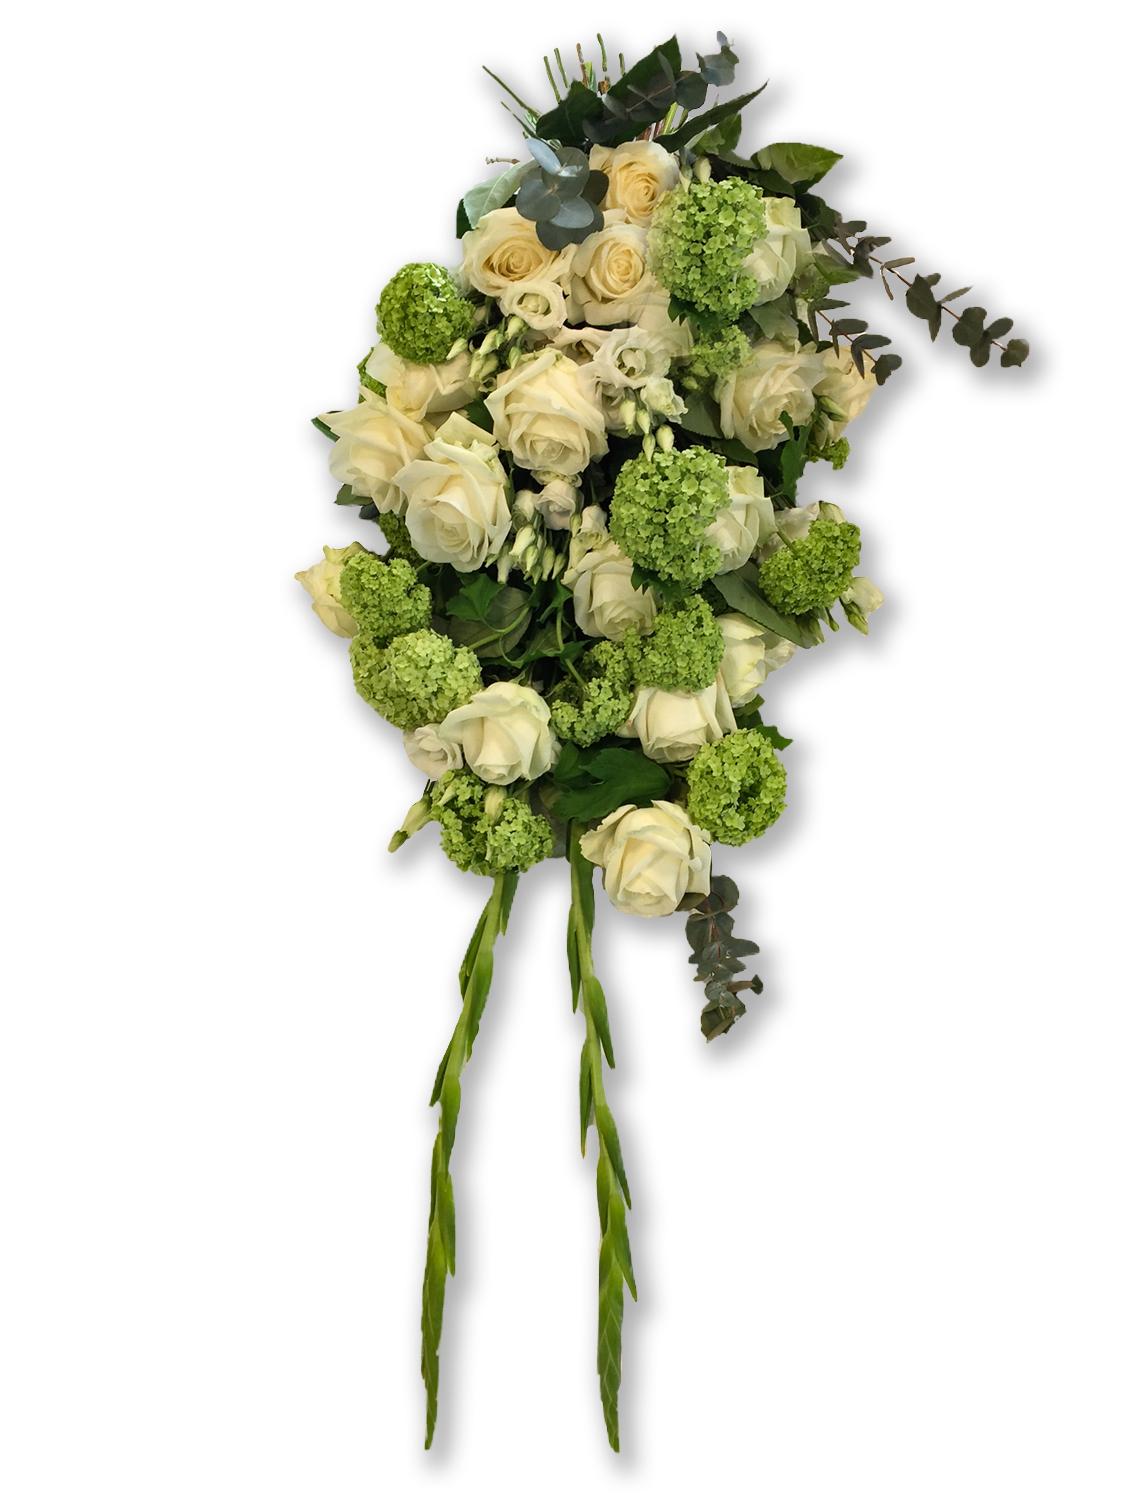 Rouwboeket Traditioneel Gebroken Wit Groen Voort Bloemen